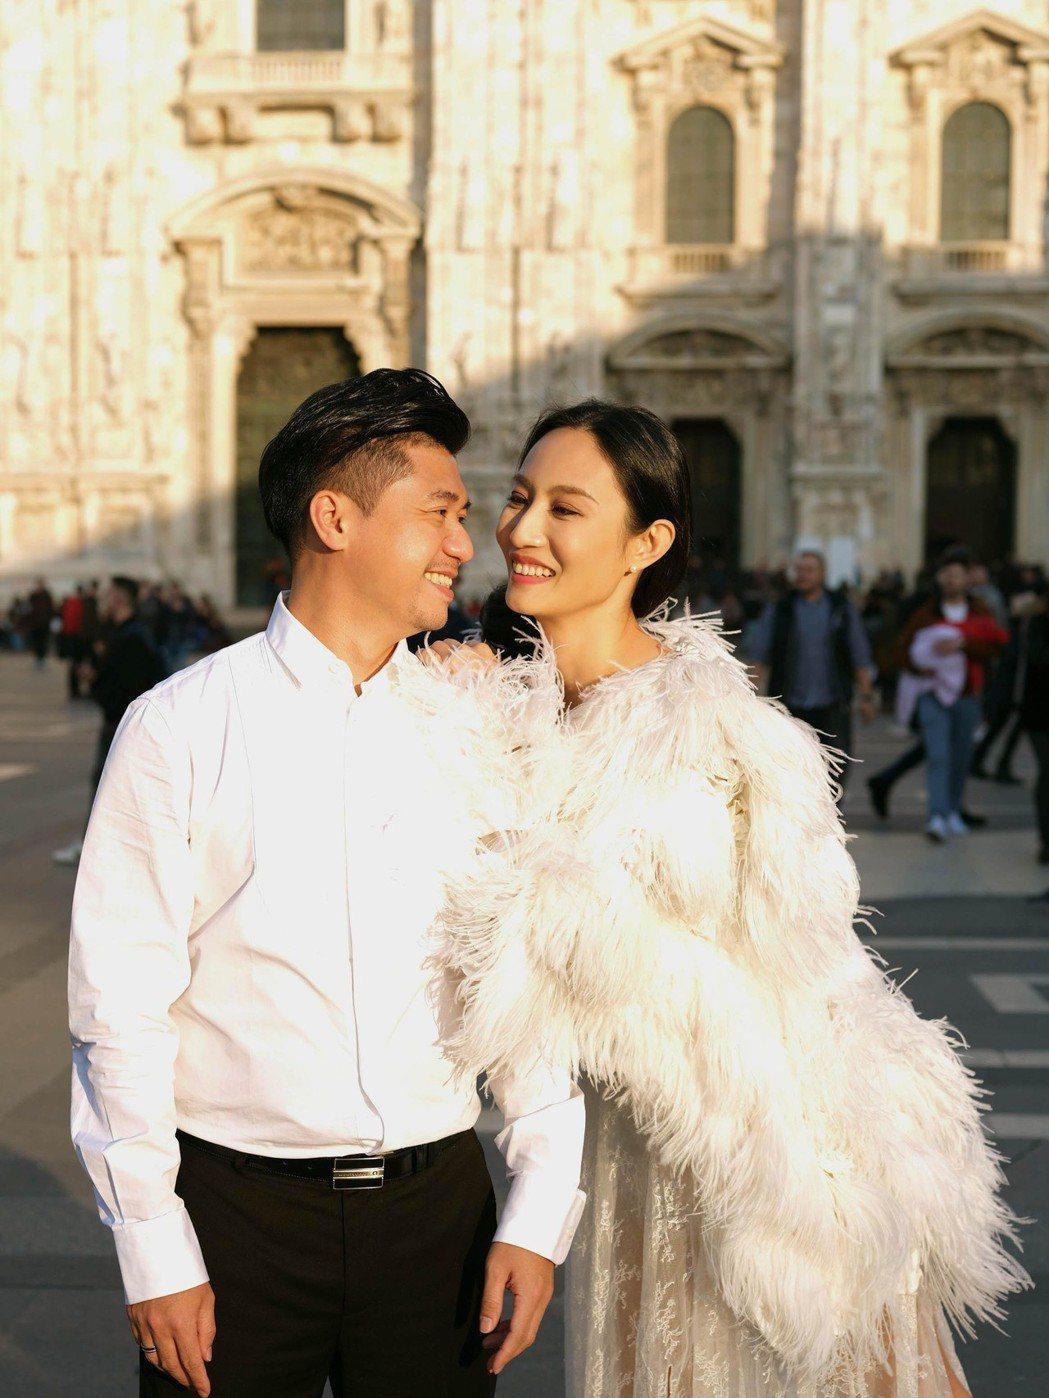 凱渥名模Jill邱馨慧與鞋料供應商未婚夫拍攝婚紗照。圖/凱渥提供